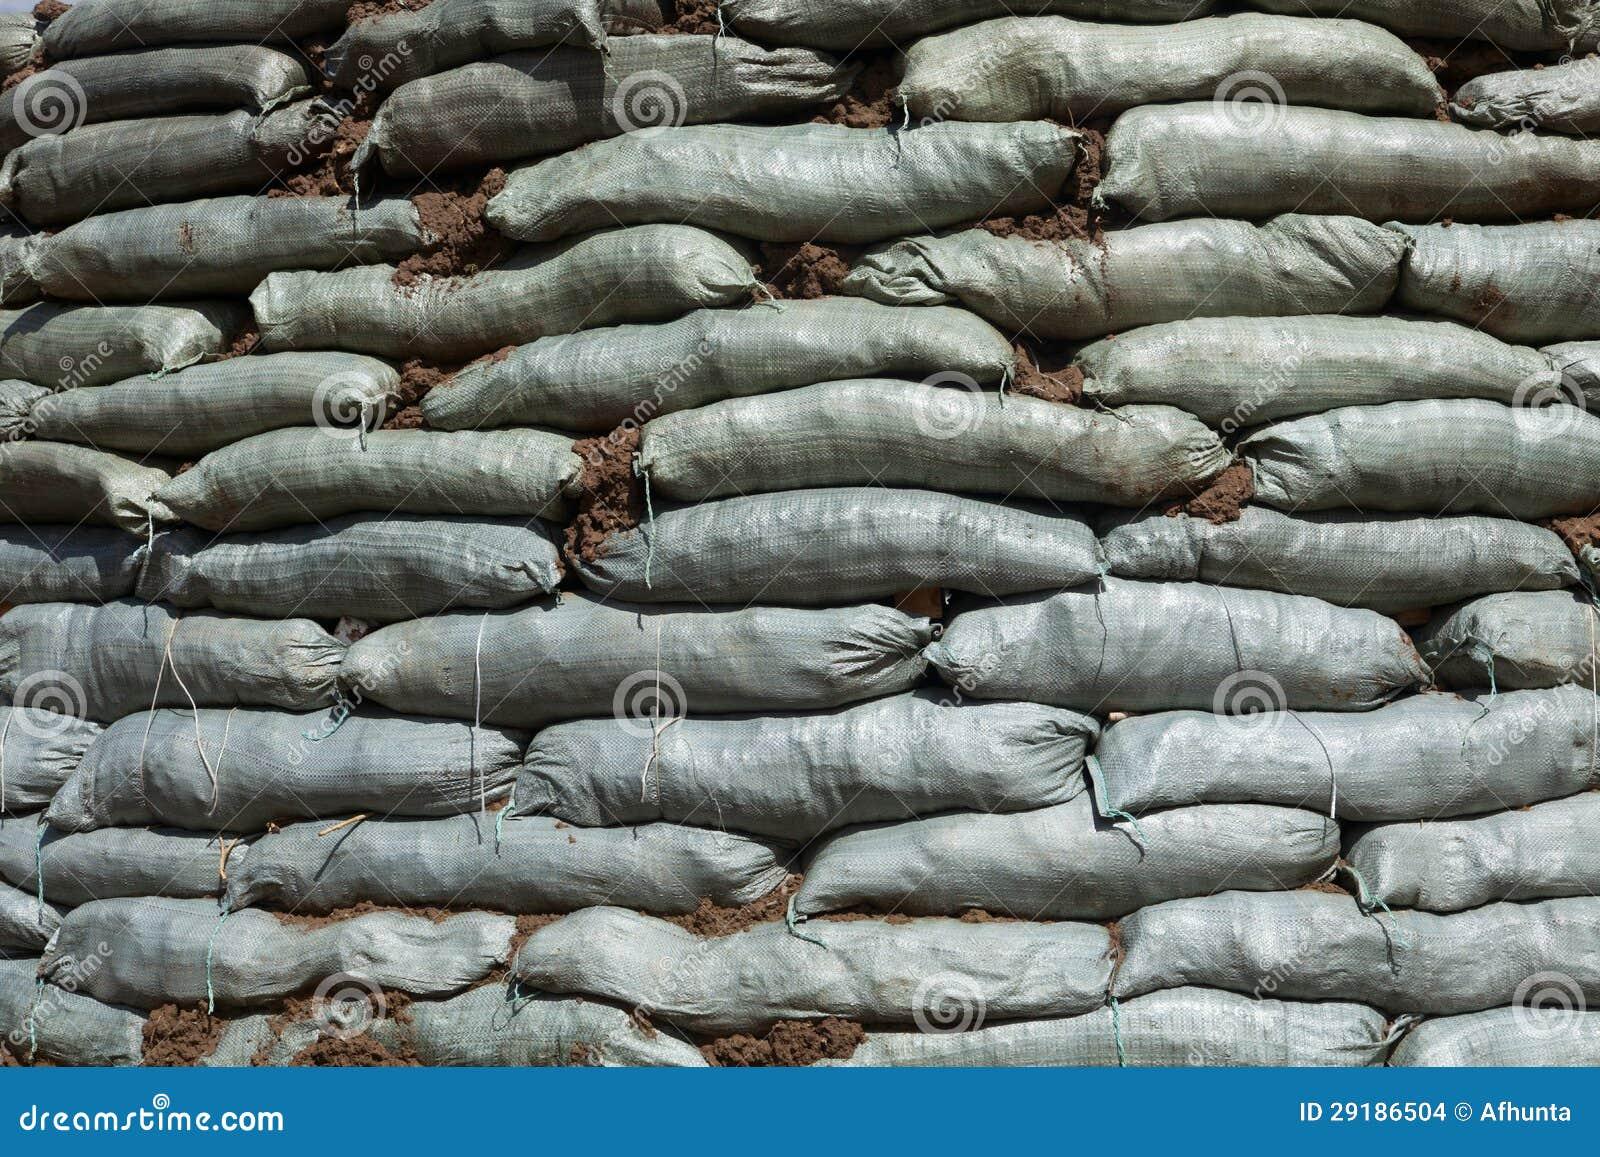 sacs de sable pour la protection d 39 inondation images stock image 29186504. Black Bedroom Furniture Sets. Home Design Ideas